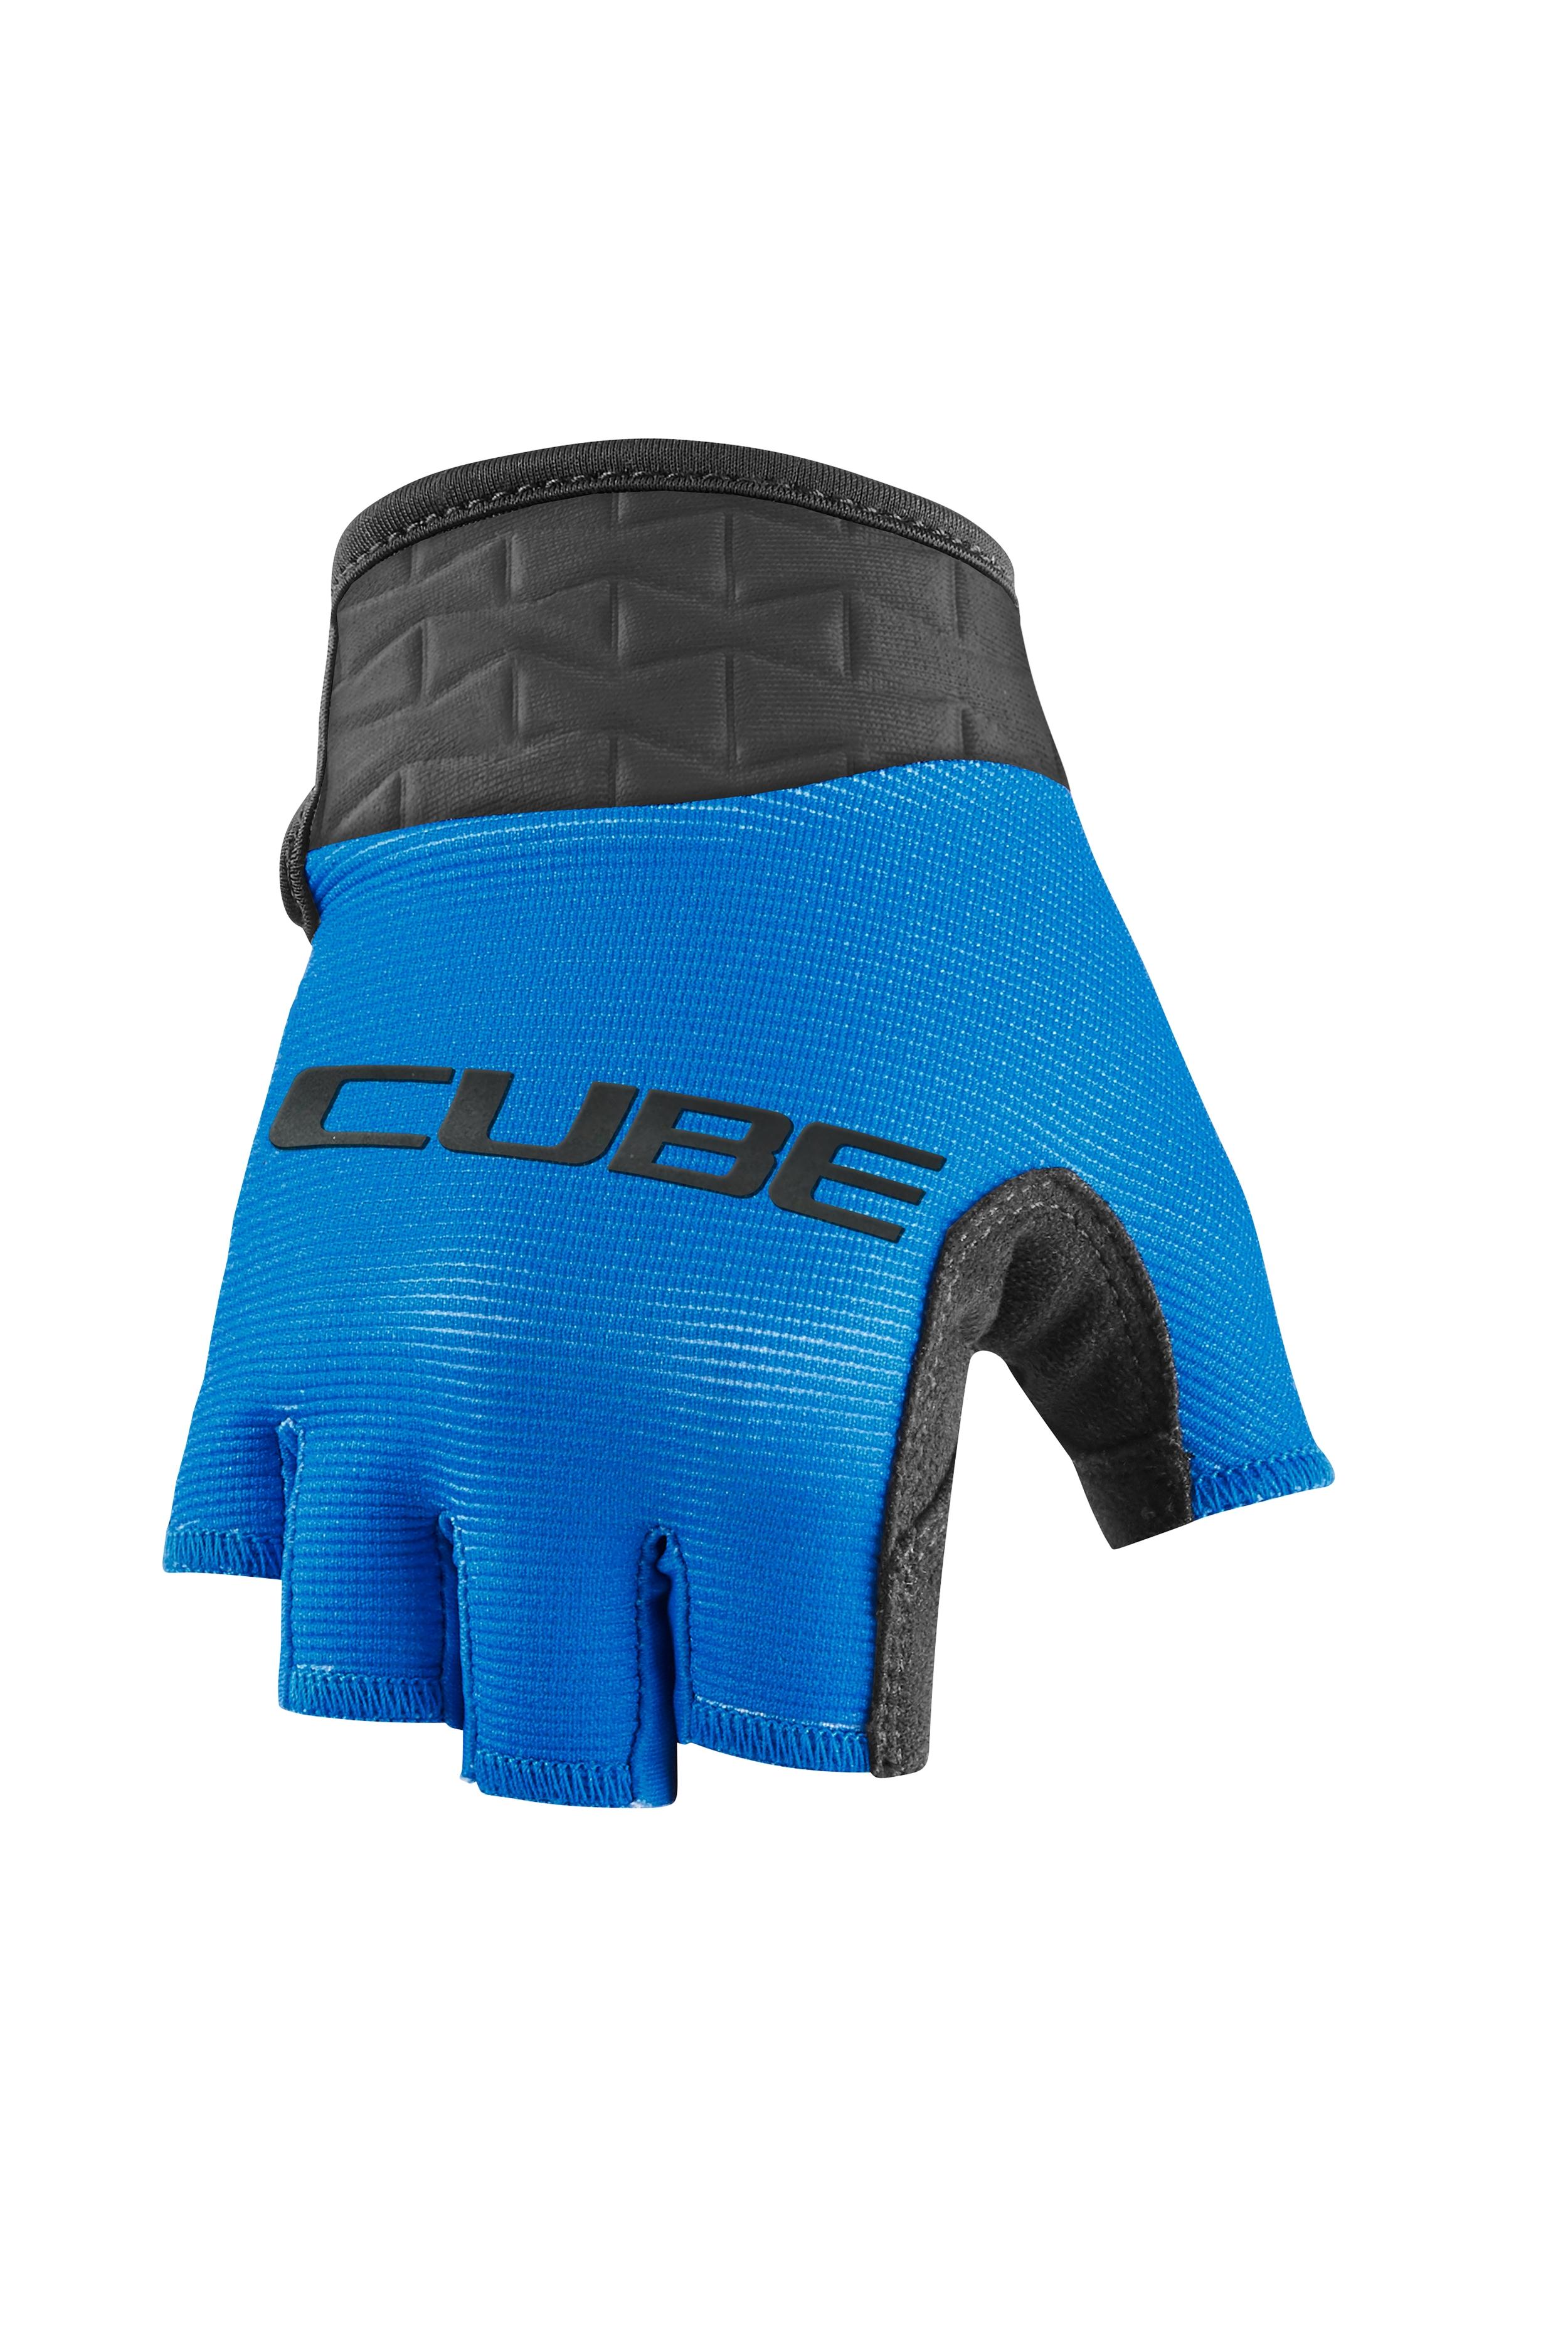 Cube Handschuh Performance Junior kurzfinger